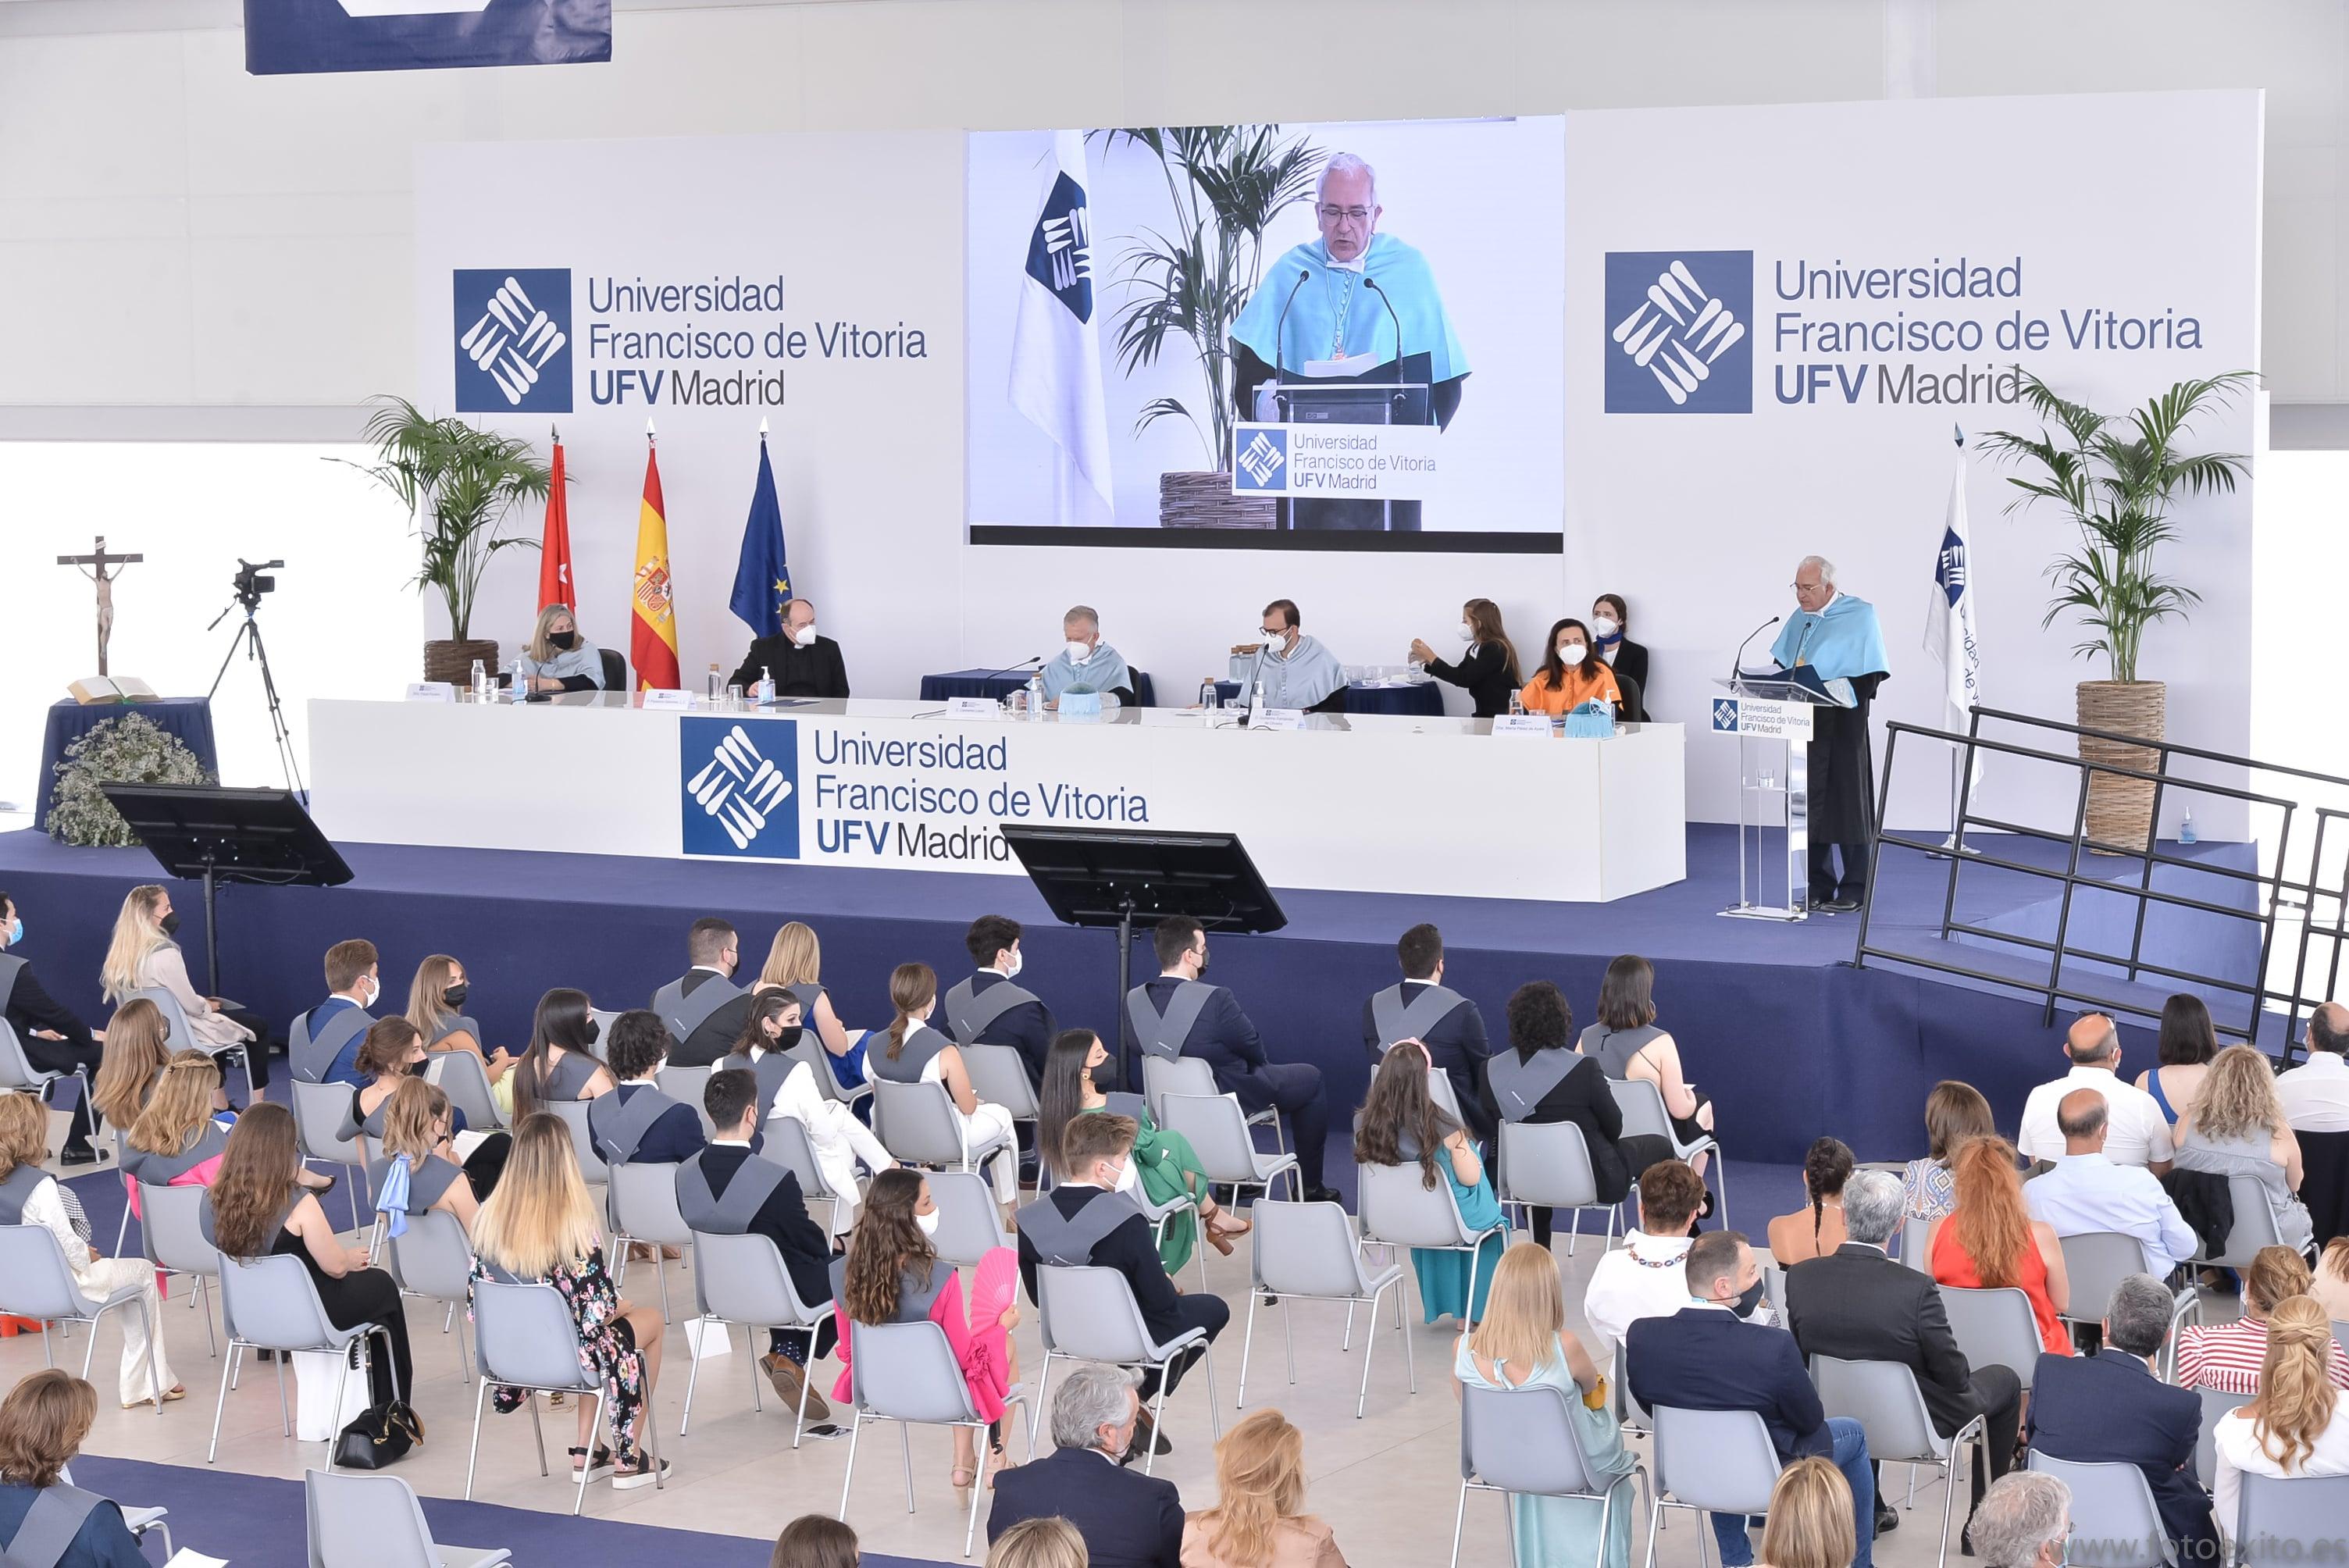 210710UFV2 1060 min Actos académicos Estudiar en Universidad Privada Madrid